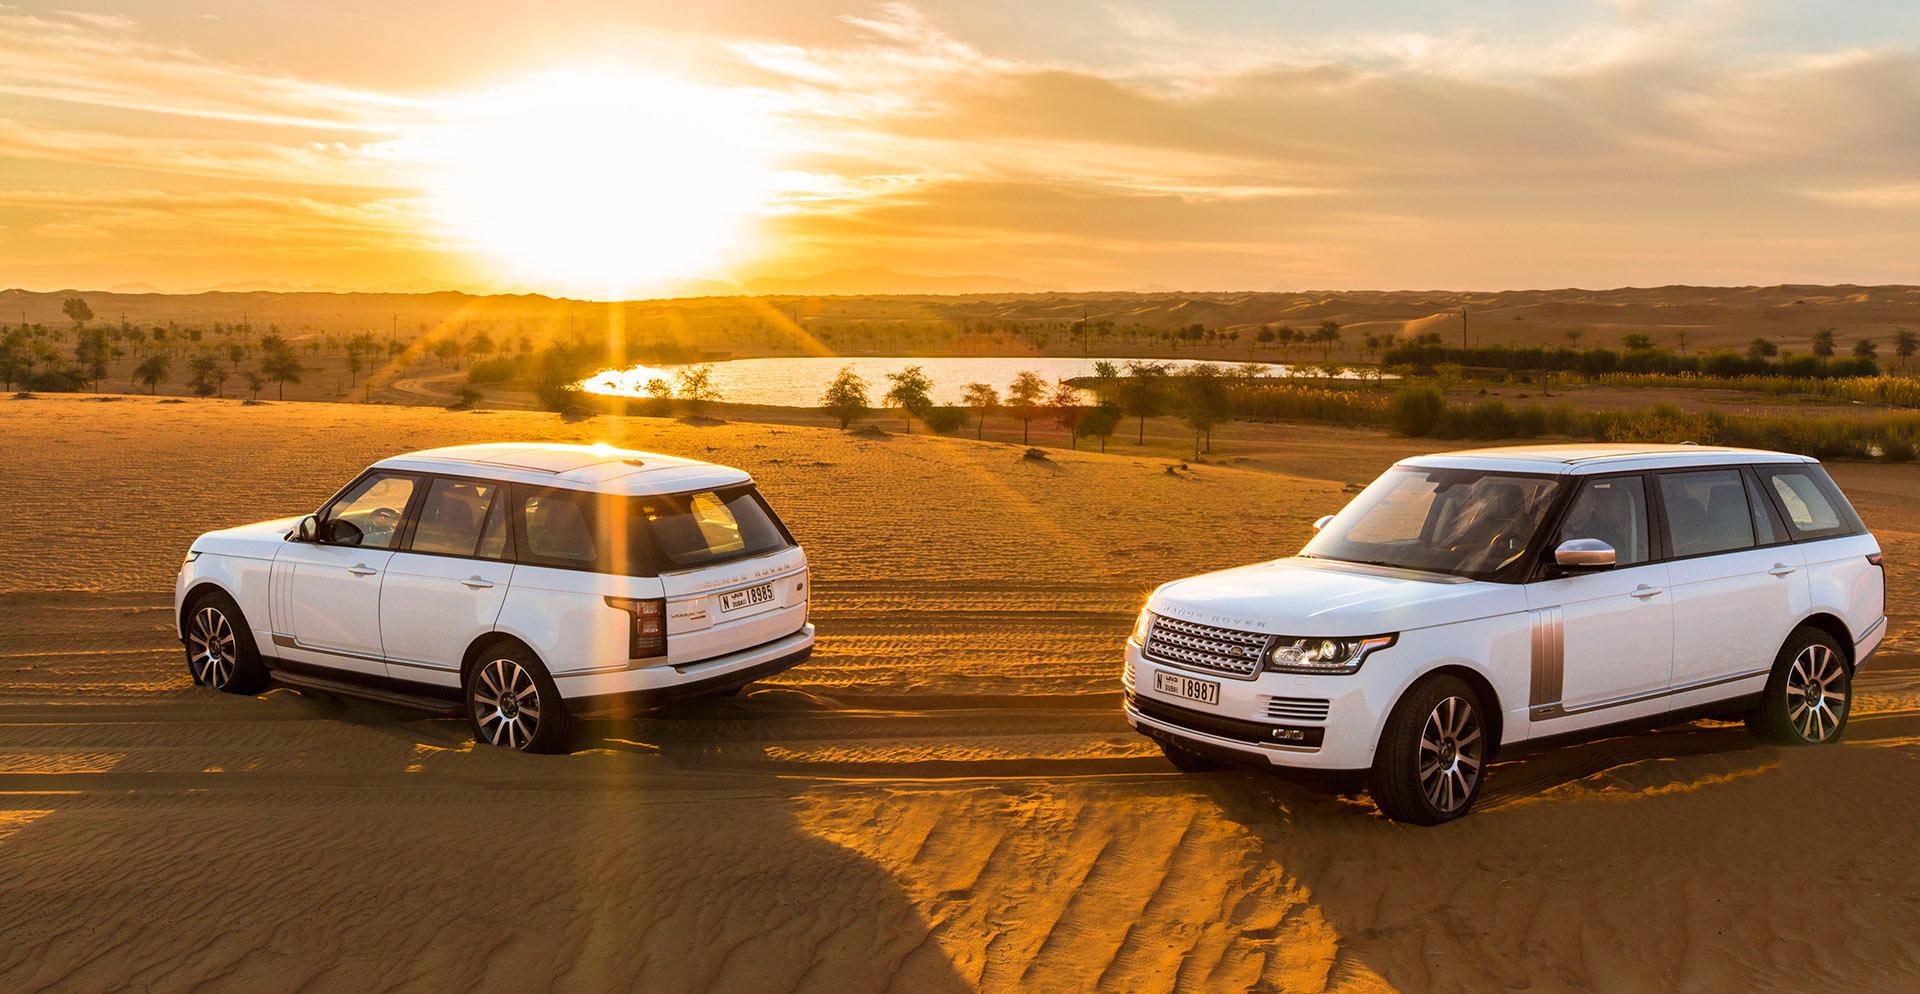 Luxury Desert Safari Dubai